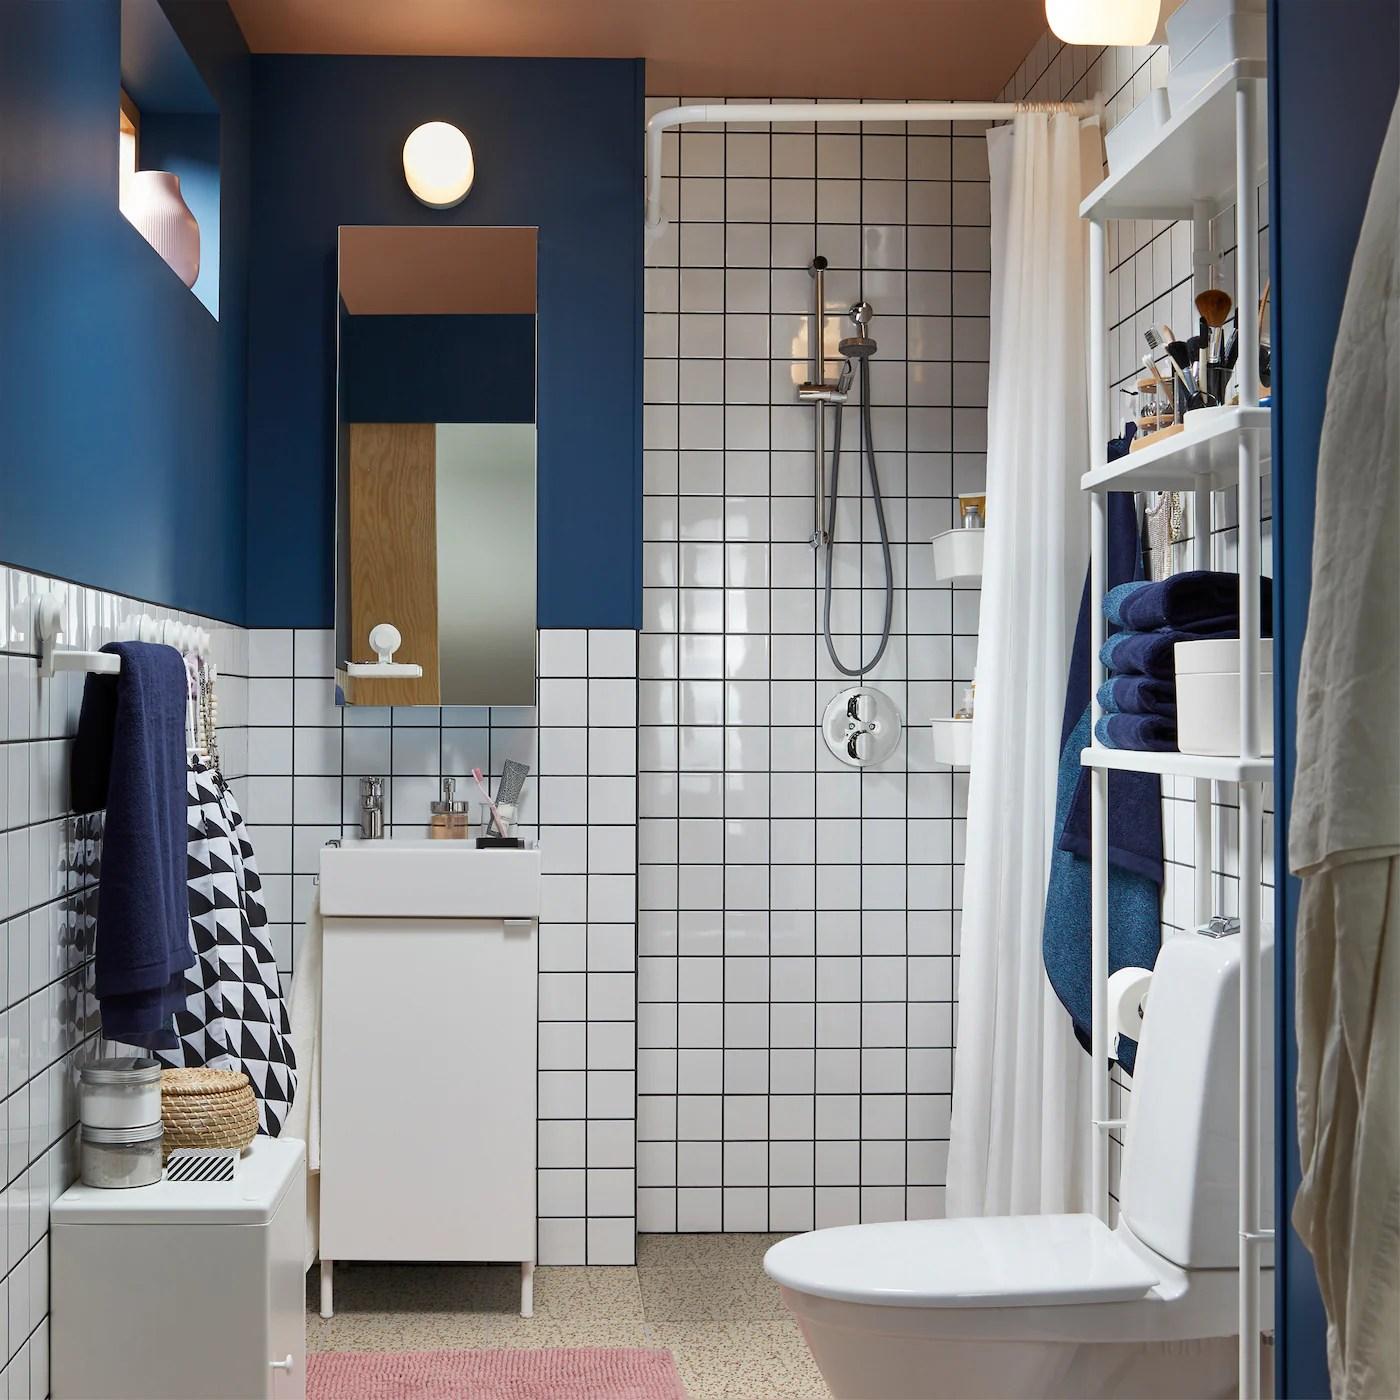 Meubles Pour La Salle De Bain Vanités Et Armoires Ikea